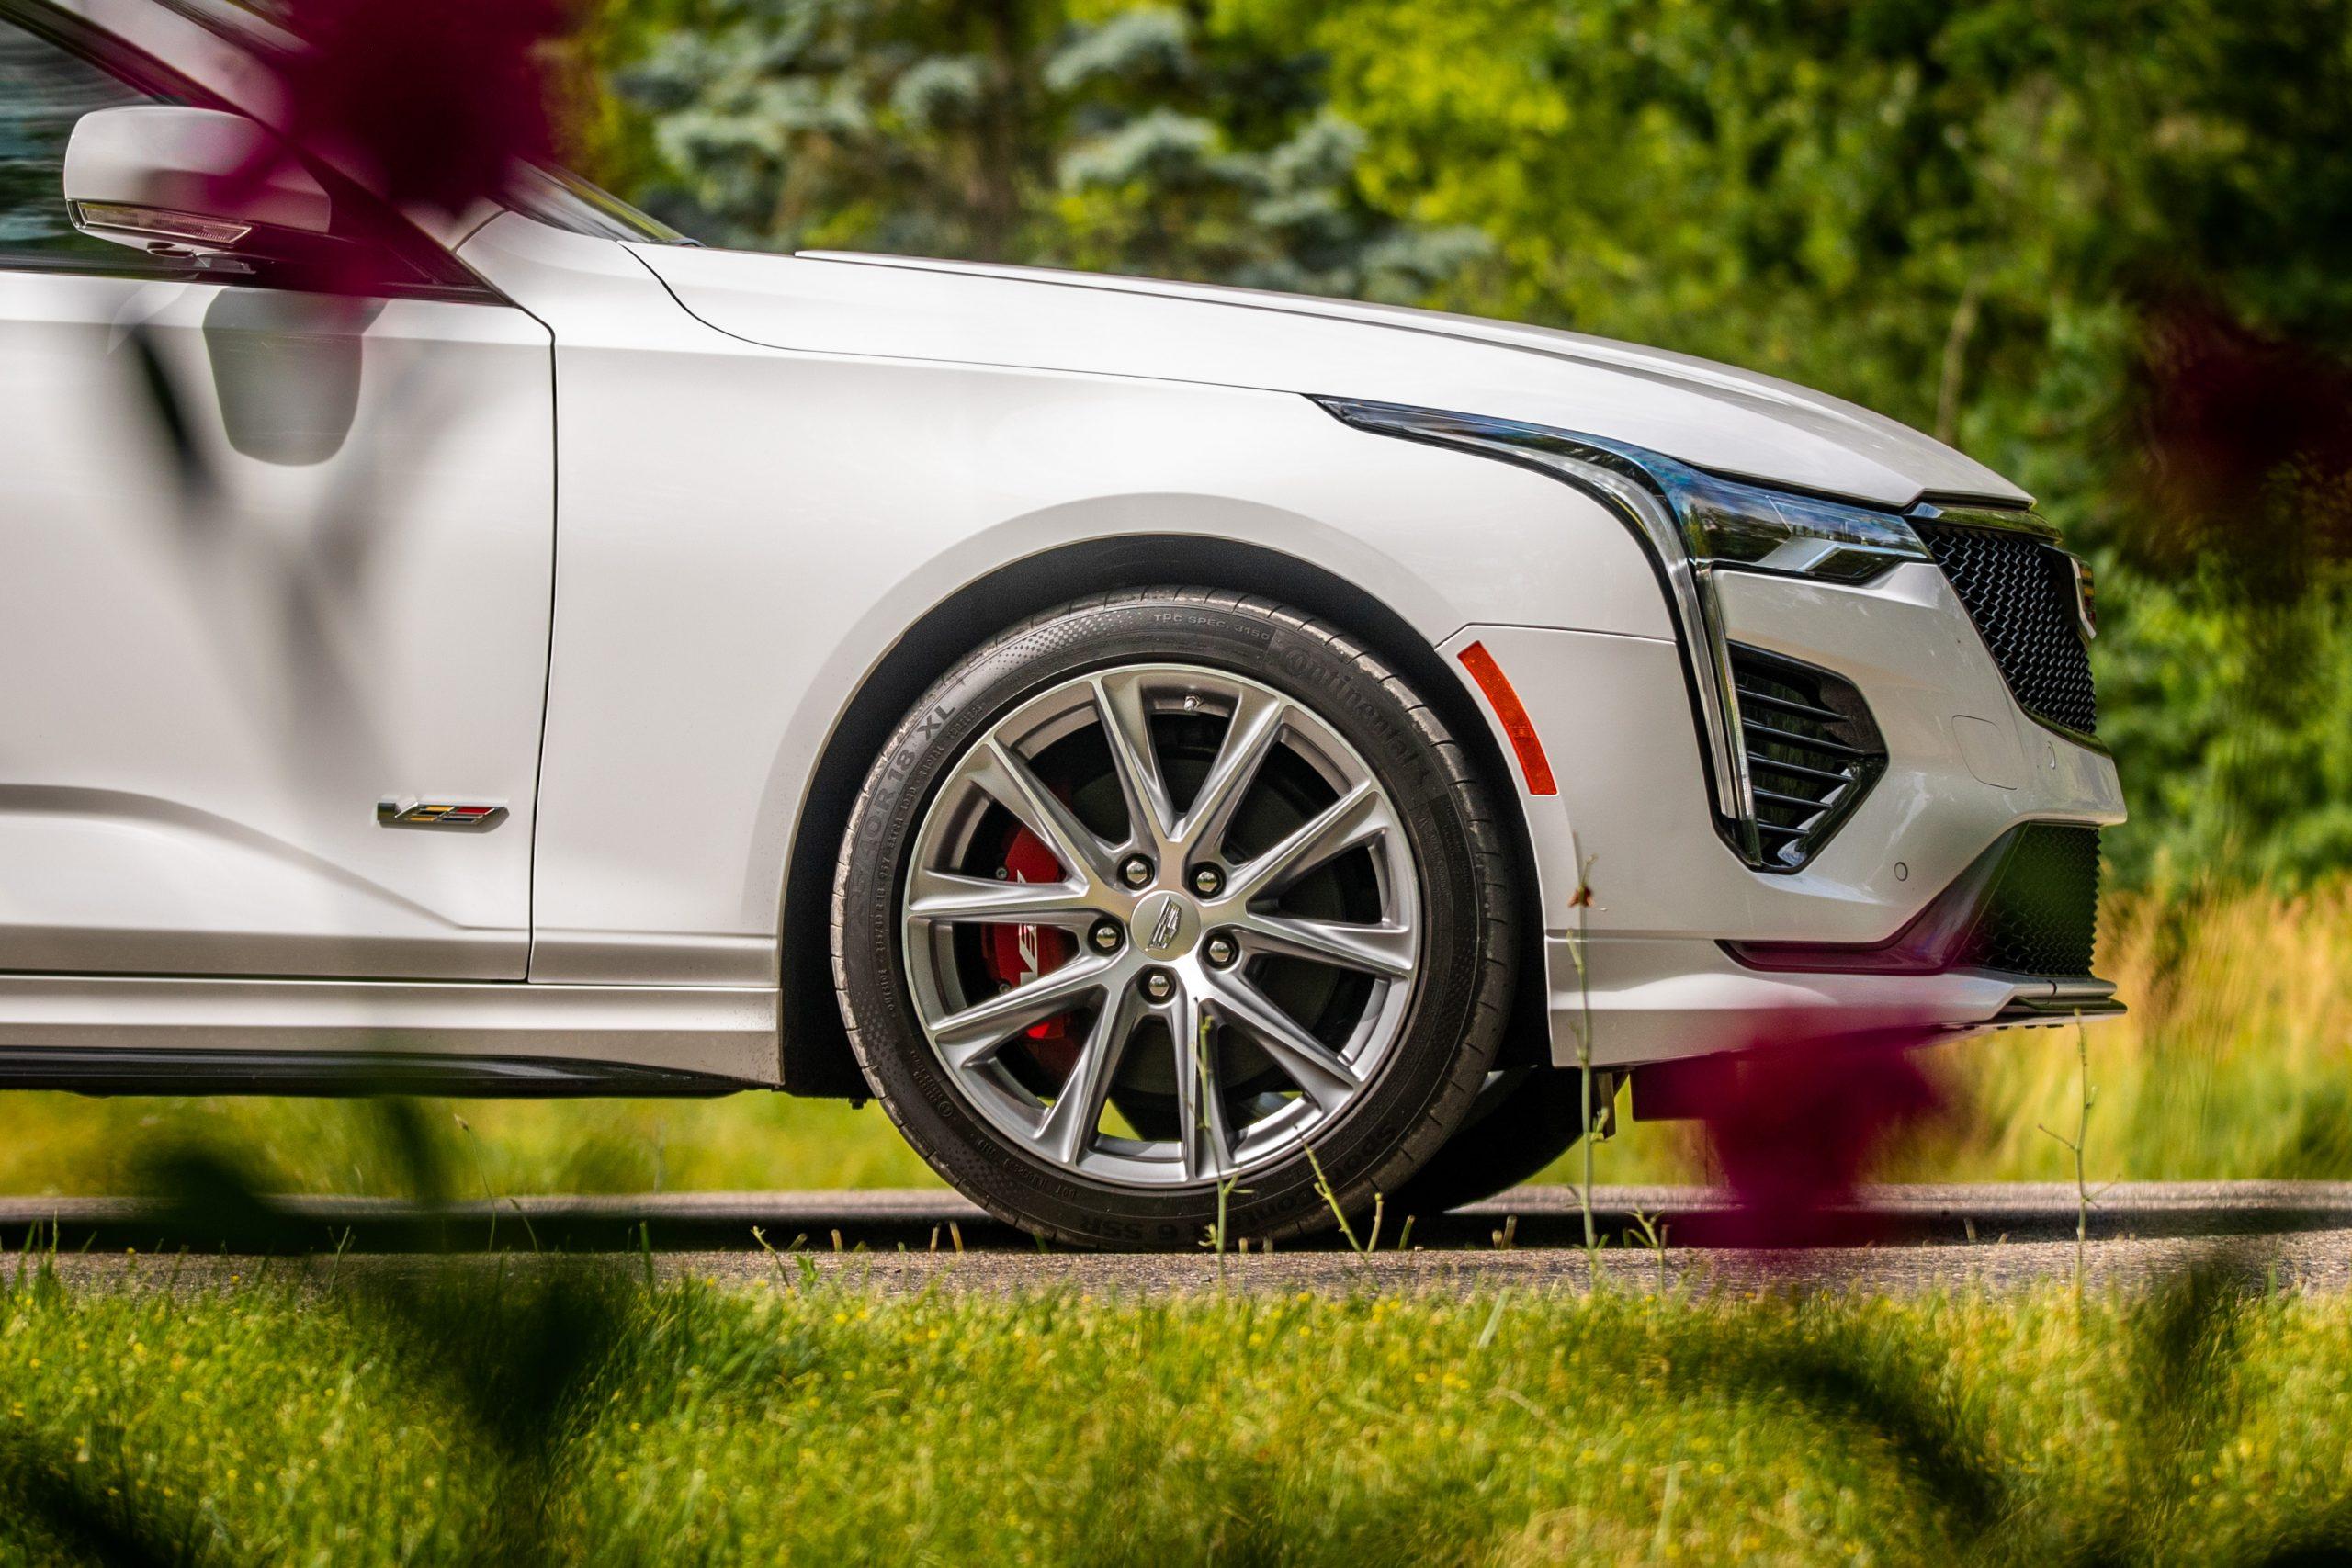 2020 Cadillac CT4-V front